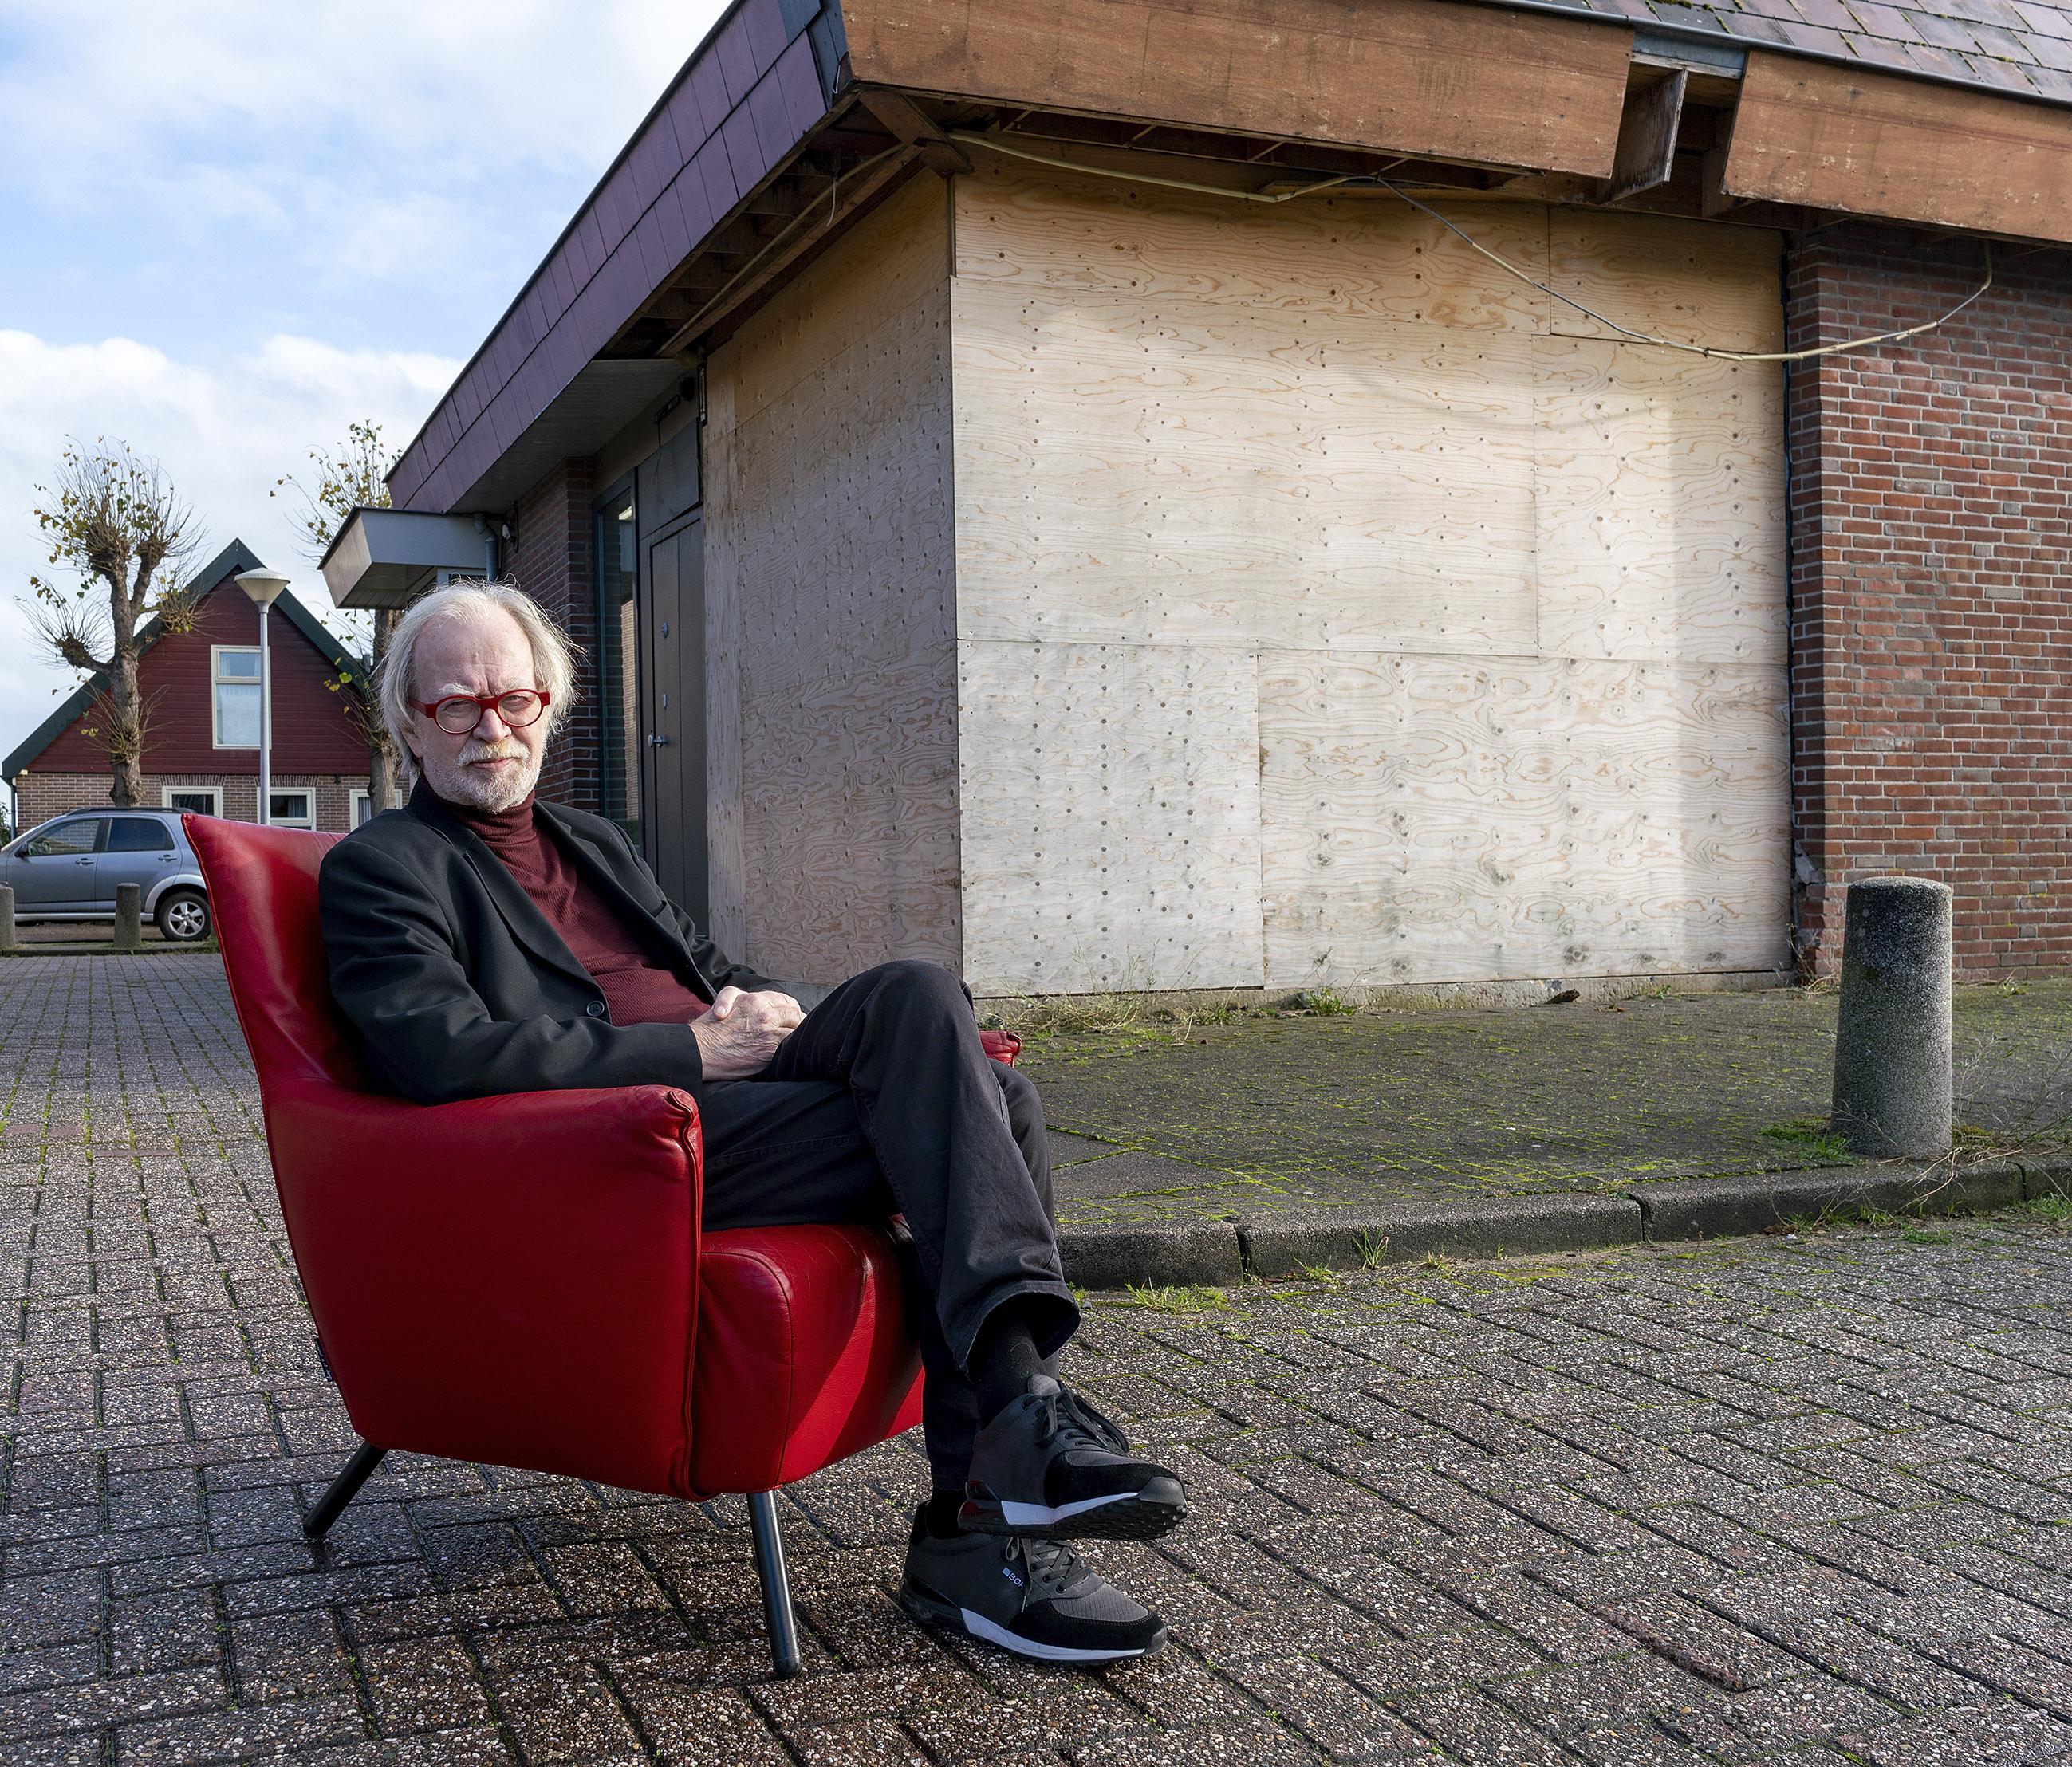 Een jaar na de plofkraakgolf: Marjan Wagemans schiet nog wel eens wakker, galeriehouder Ronald Kraayeveld zit nog met een gehavend pand en de babywinkel staat leeg.